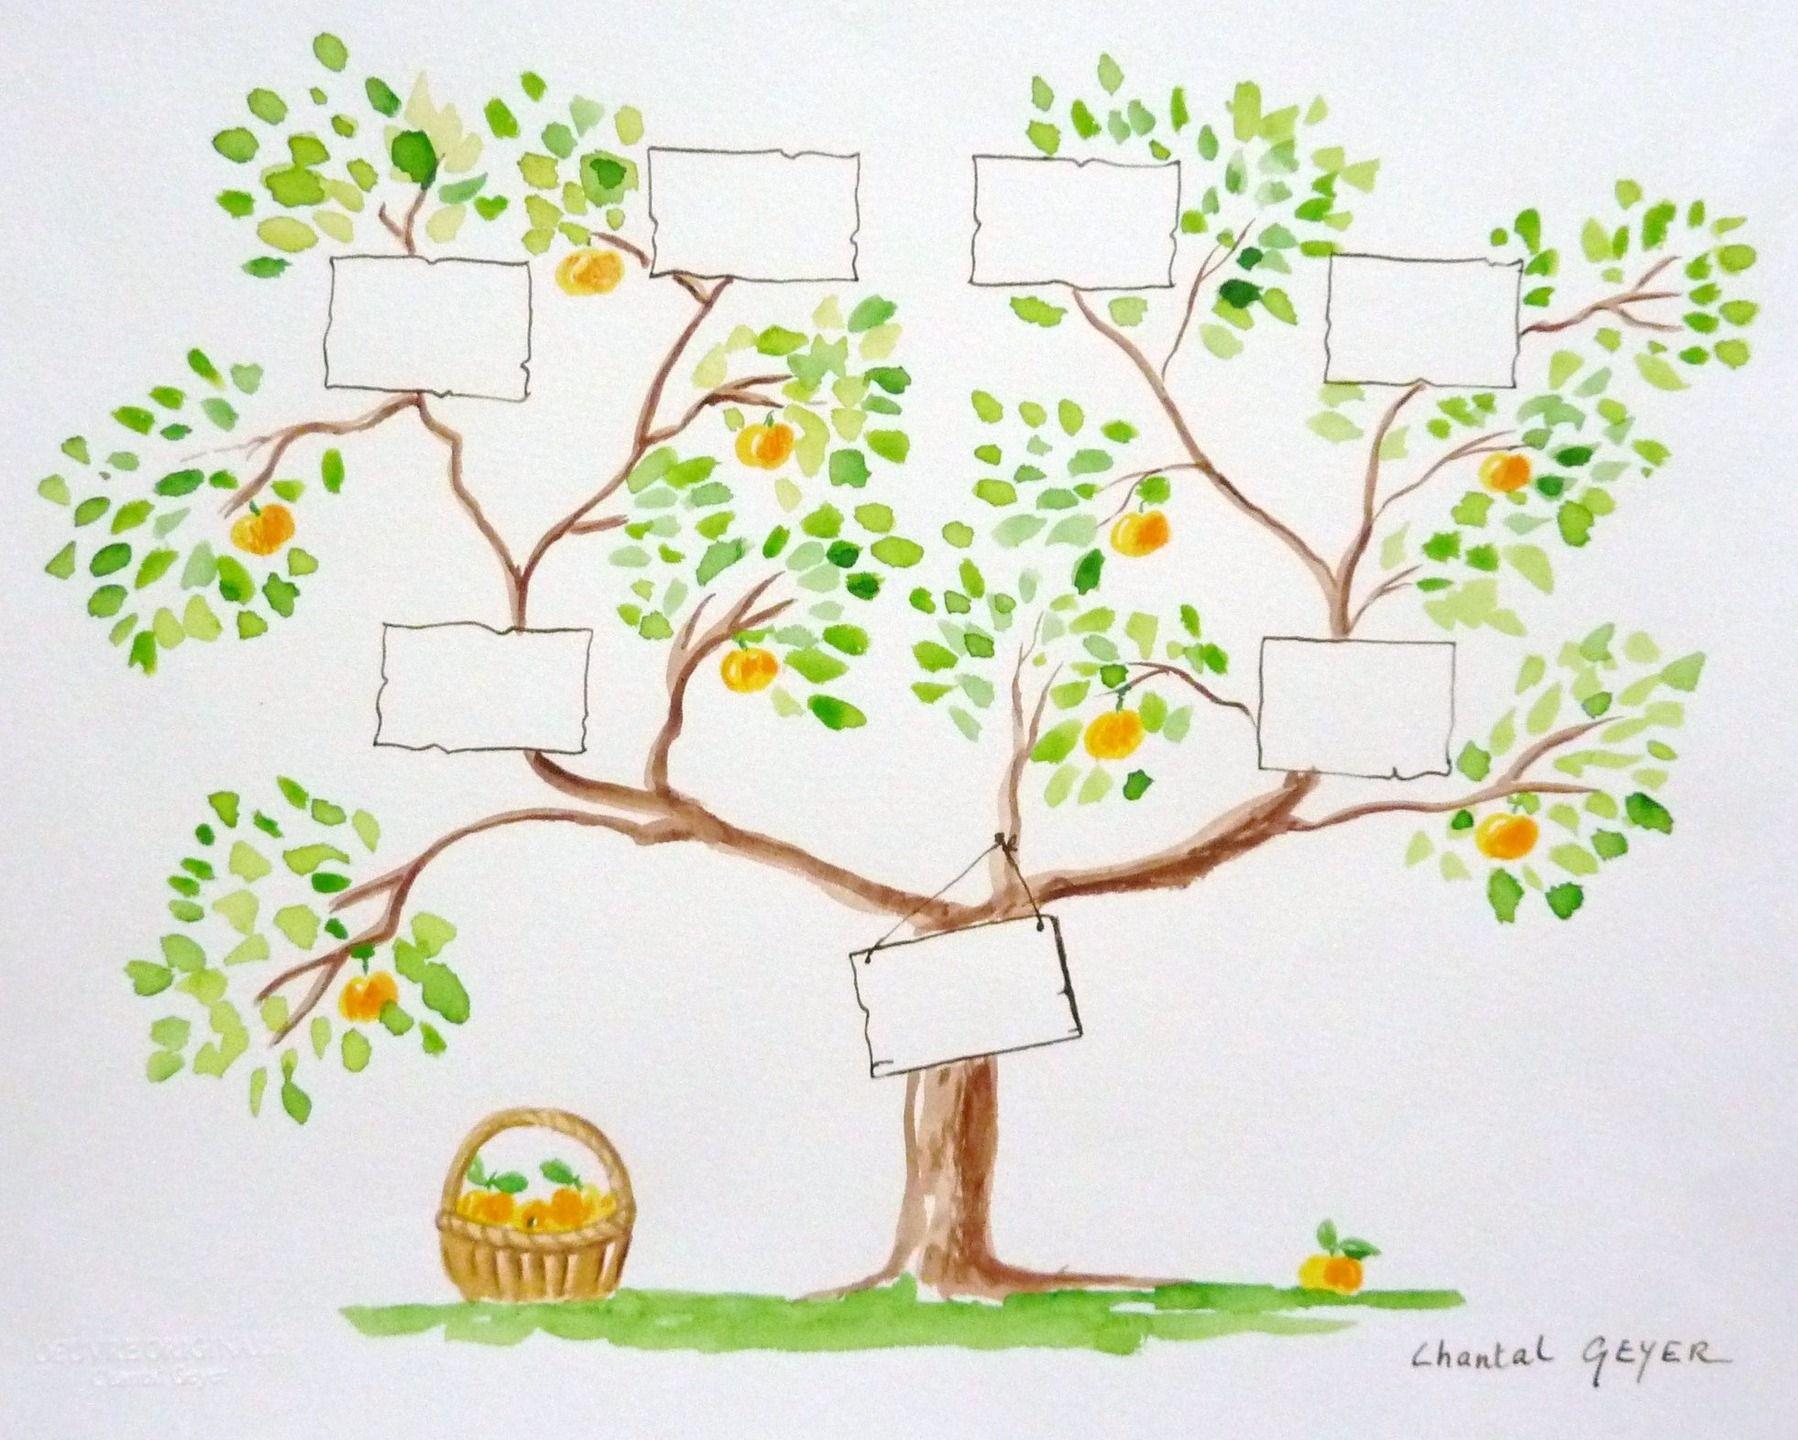 Arbre g n alogique remplir 3 g n rations ascendantes caroubiers pinterest arbres - Arbre genealogique dessin ...